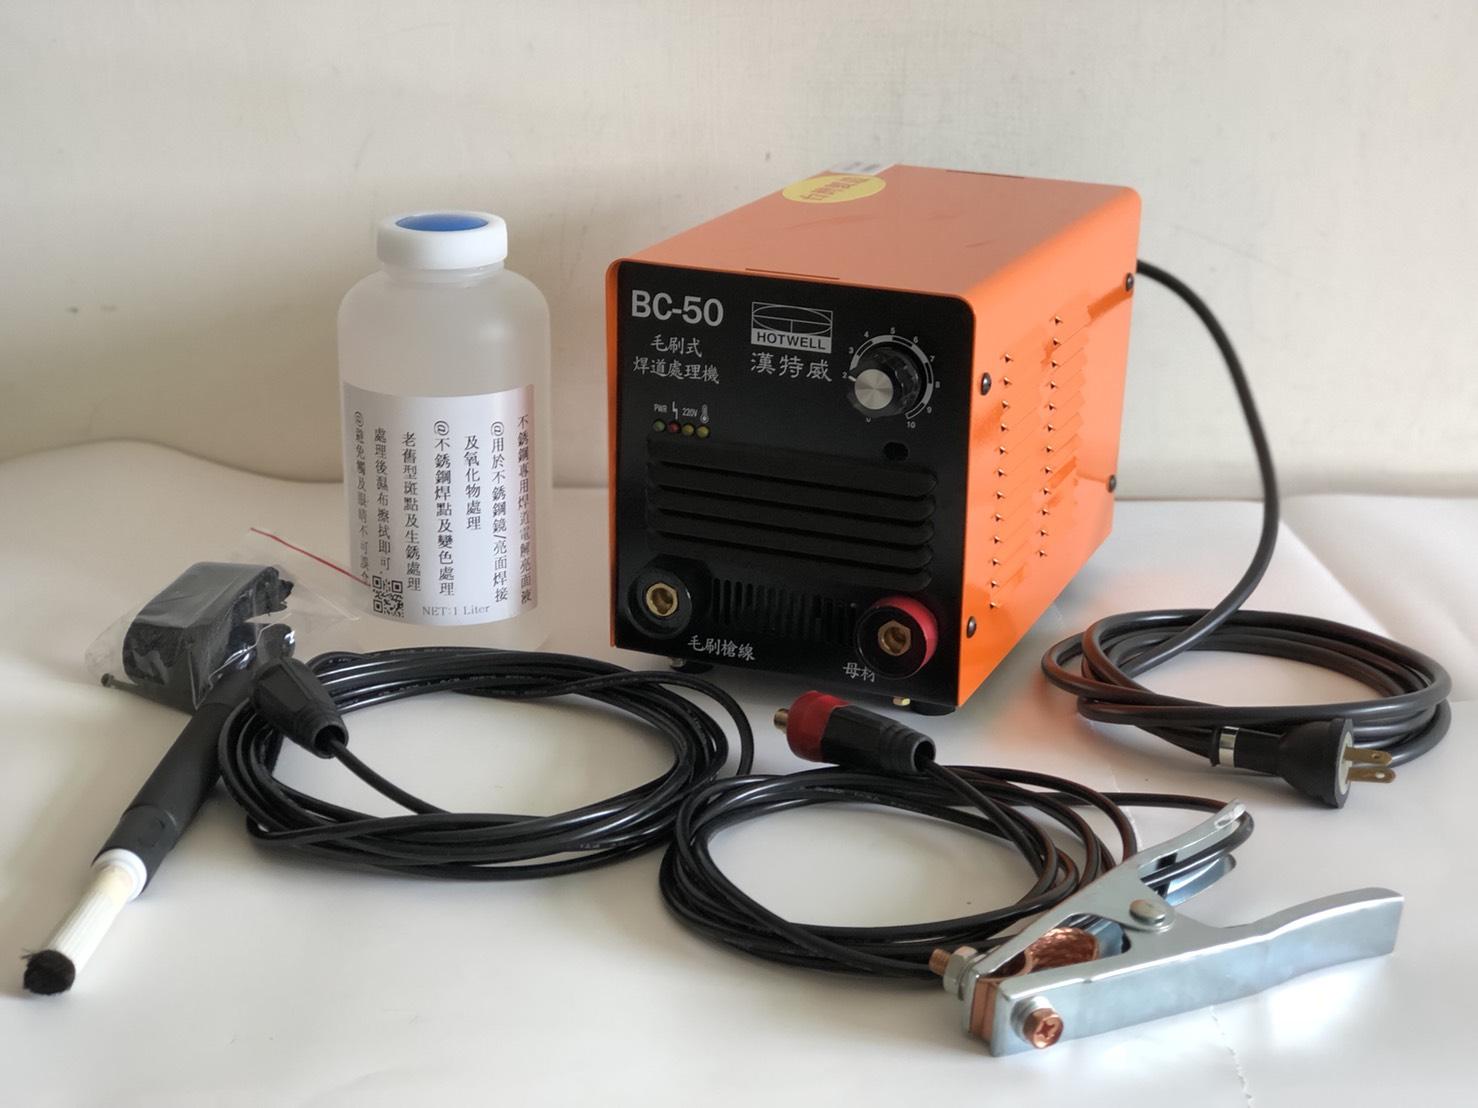 變頻式 焊道處理機 110/220V自動切換 | 漢特威有限公司